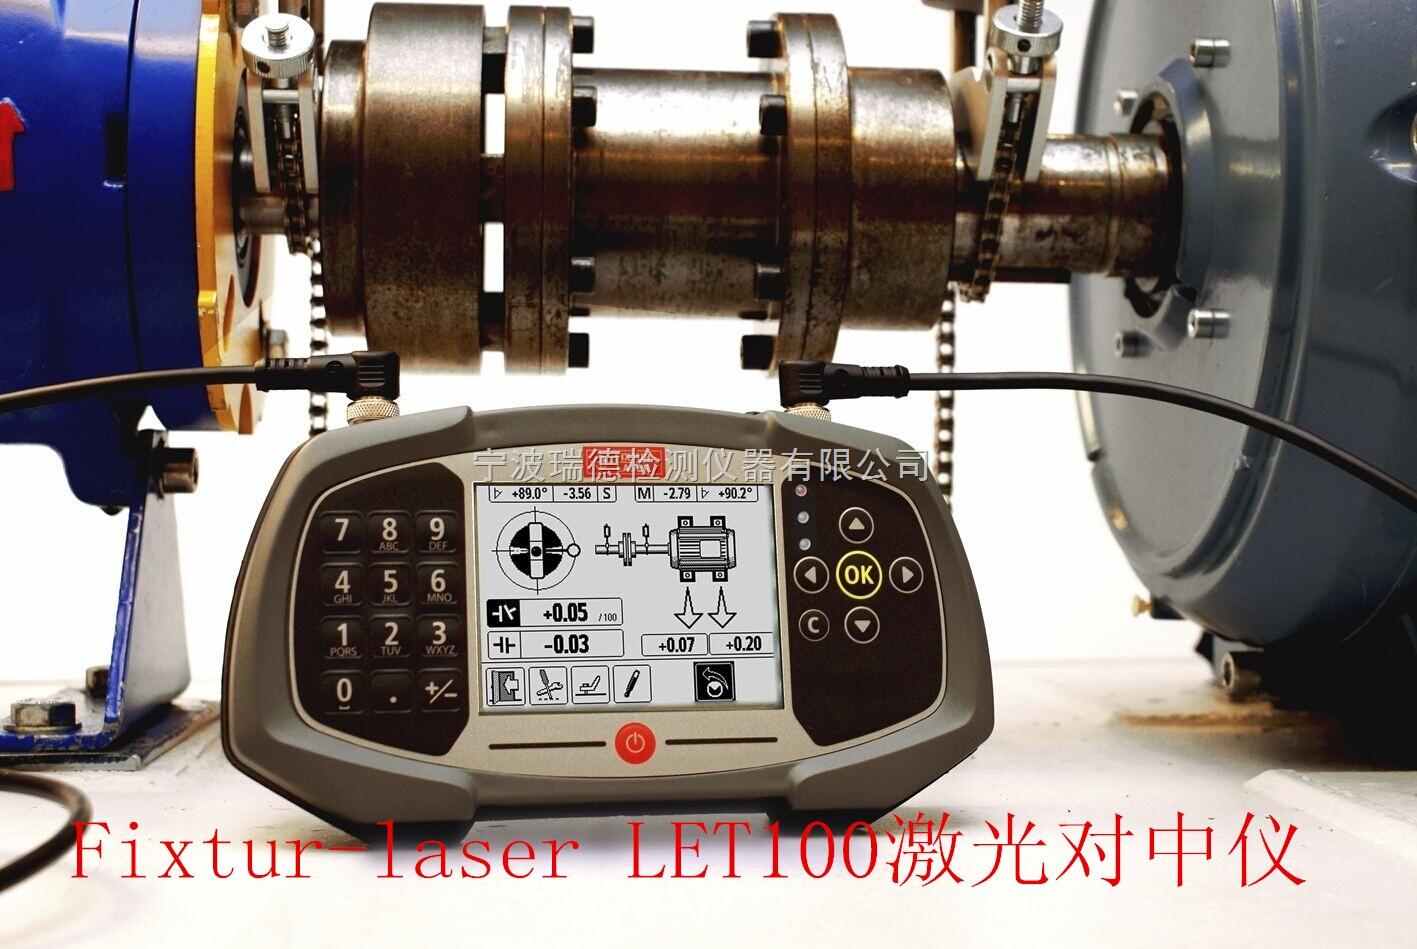 LET-100瑞典LET100激光对中仪 专业品质 原装进口 总代理 大连 天津 北京